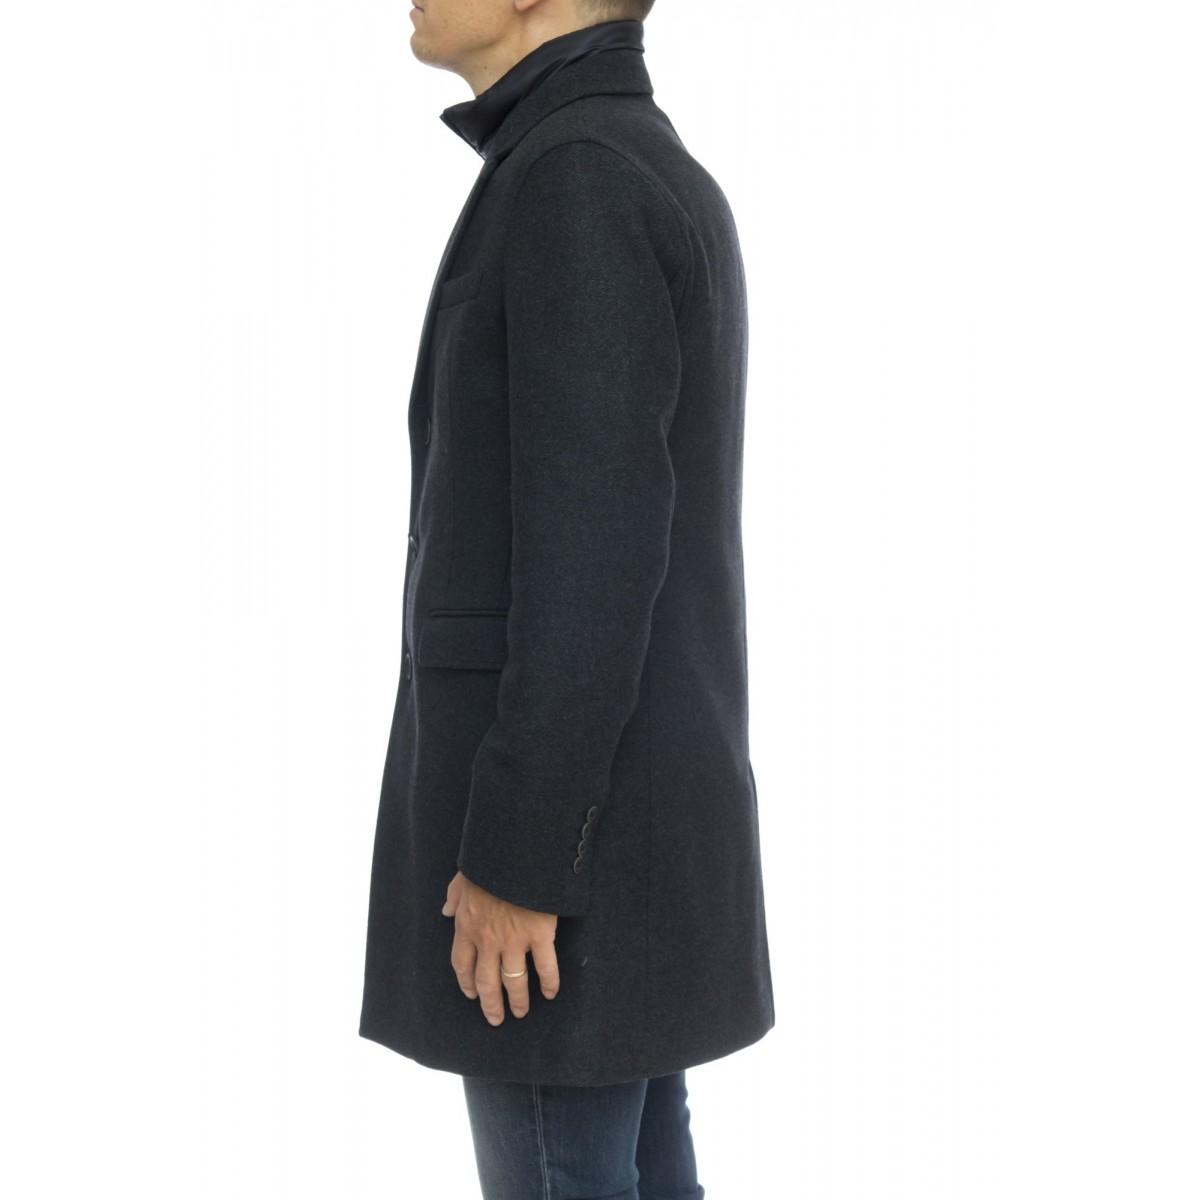 Piumino - Ca0045u 39601 cappotto lana diagonale made in italy